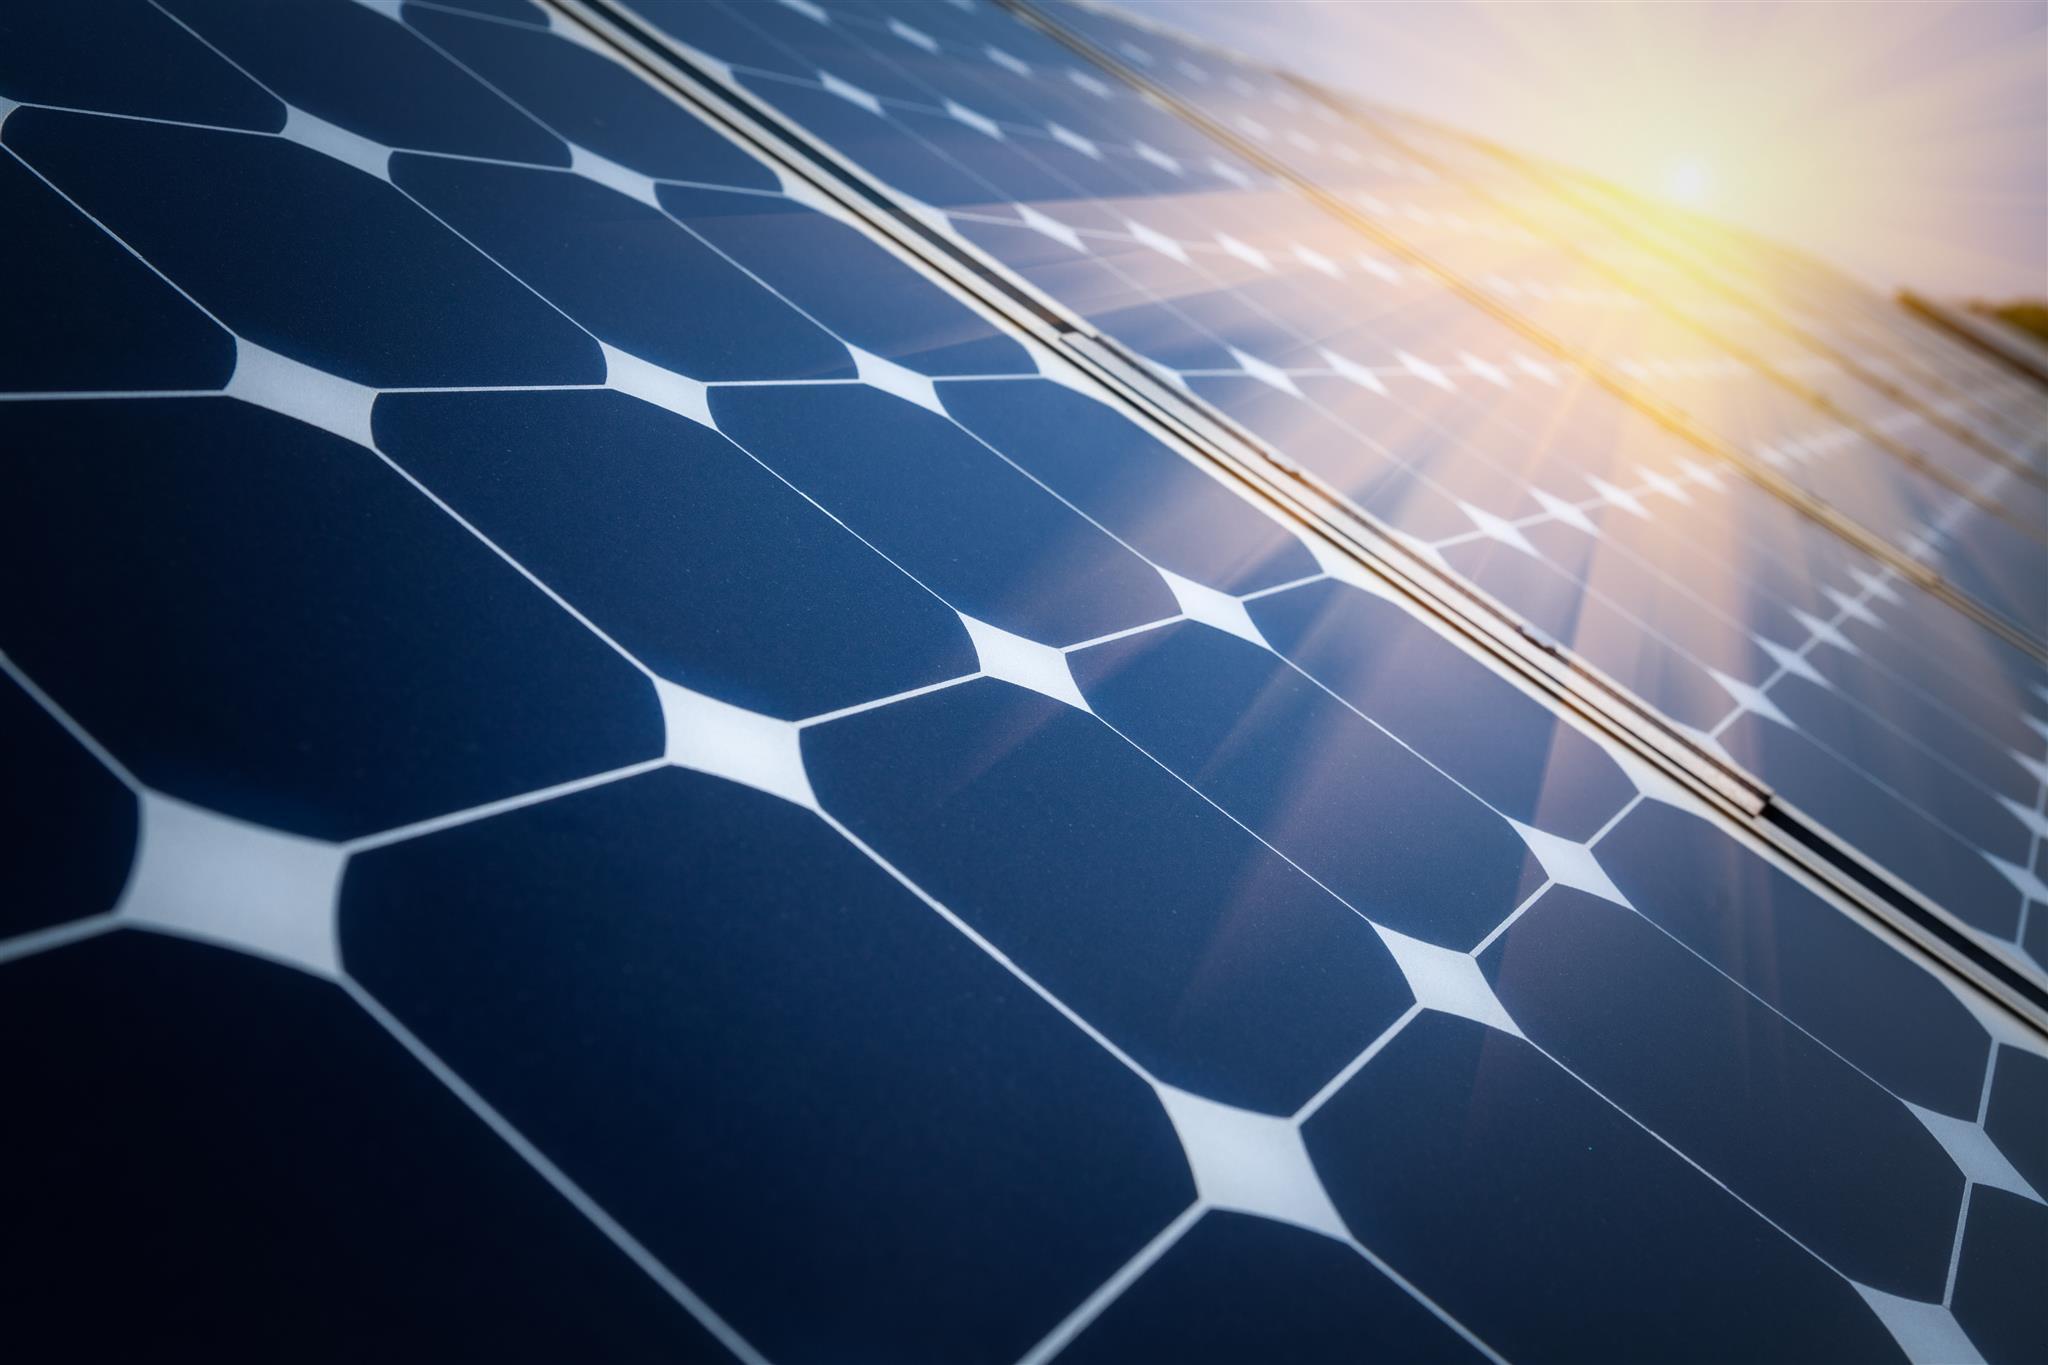 Placas Fotovoltaicas e sua geração de energia elétrica através da luz do sol